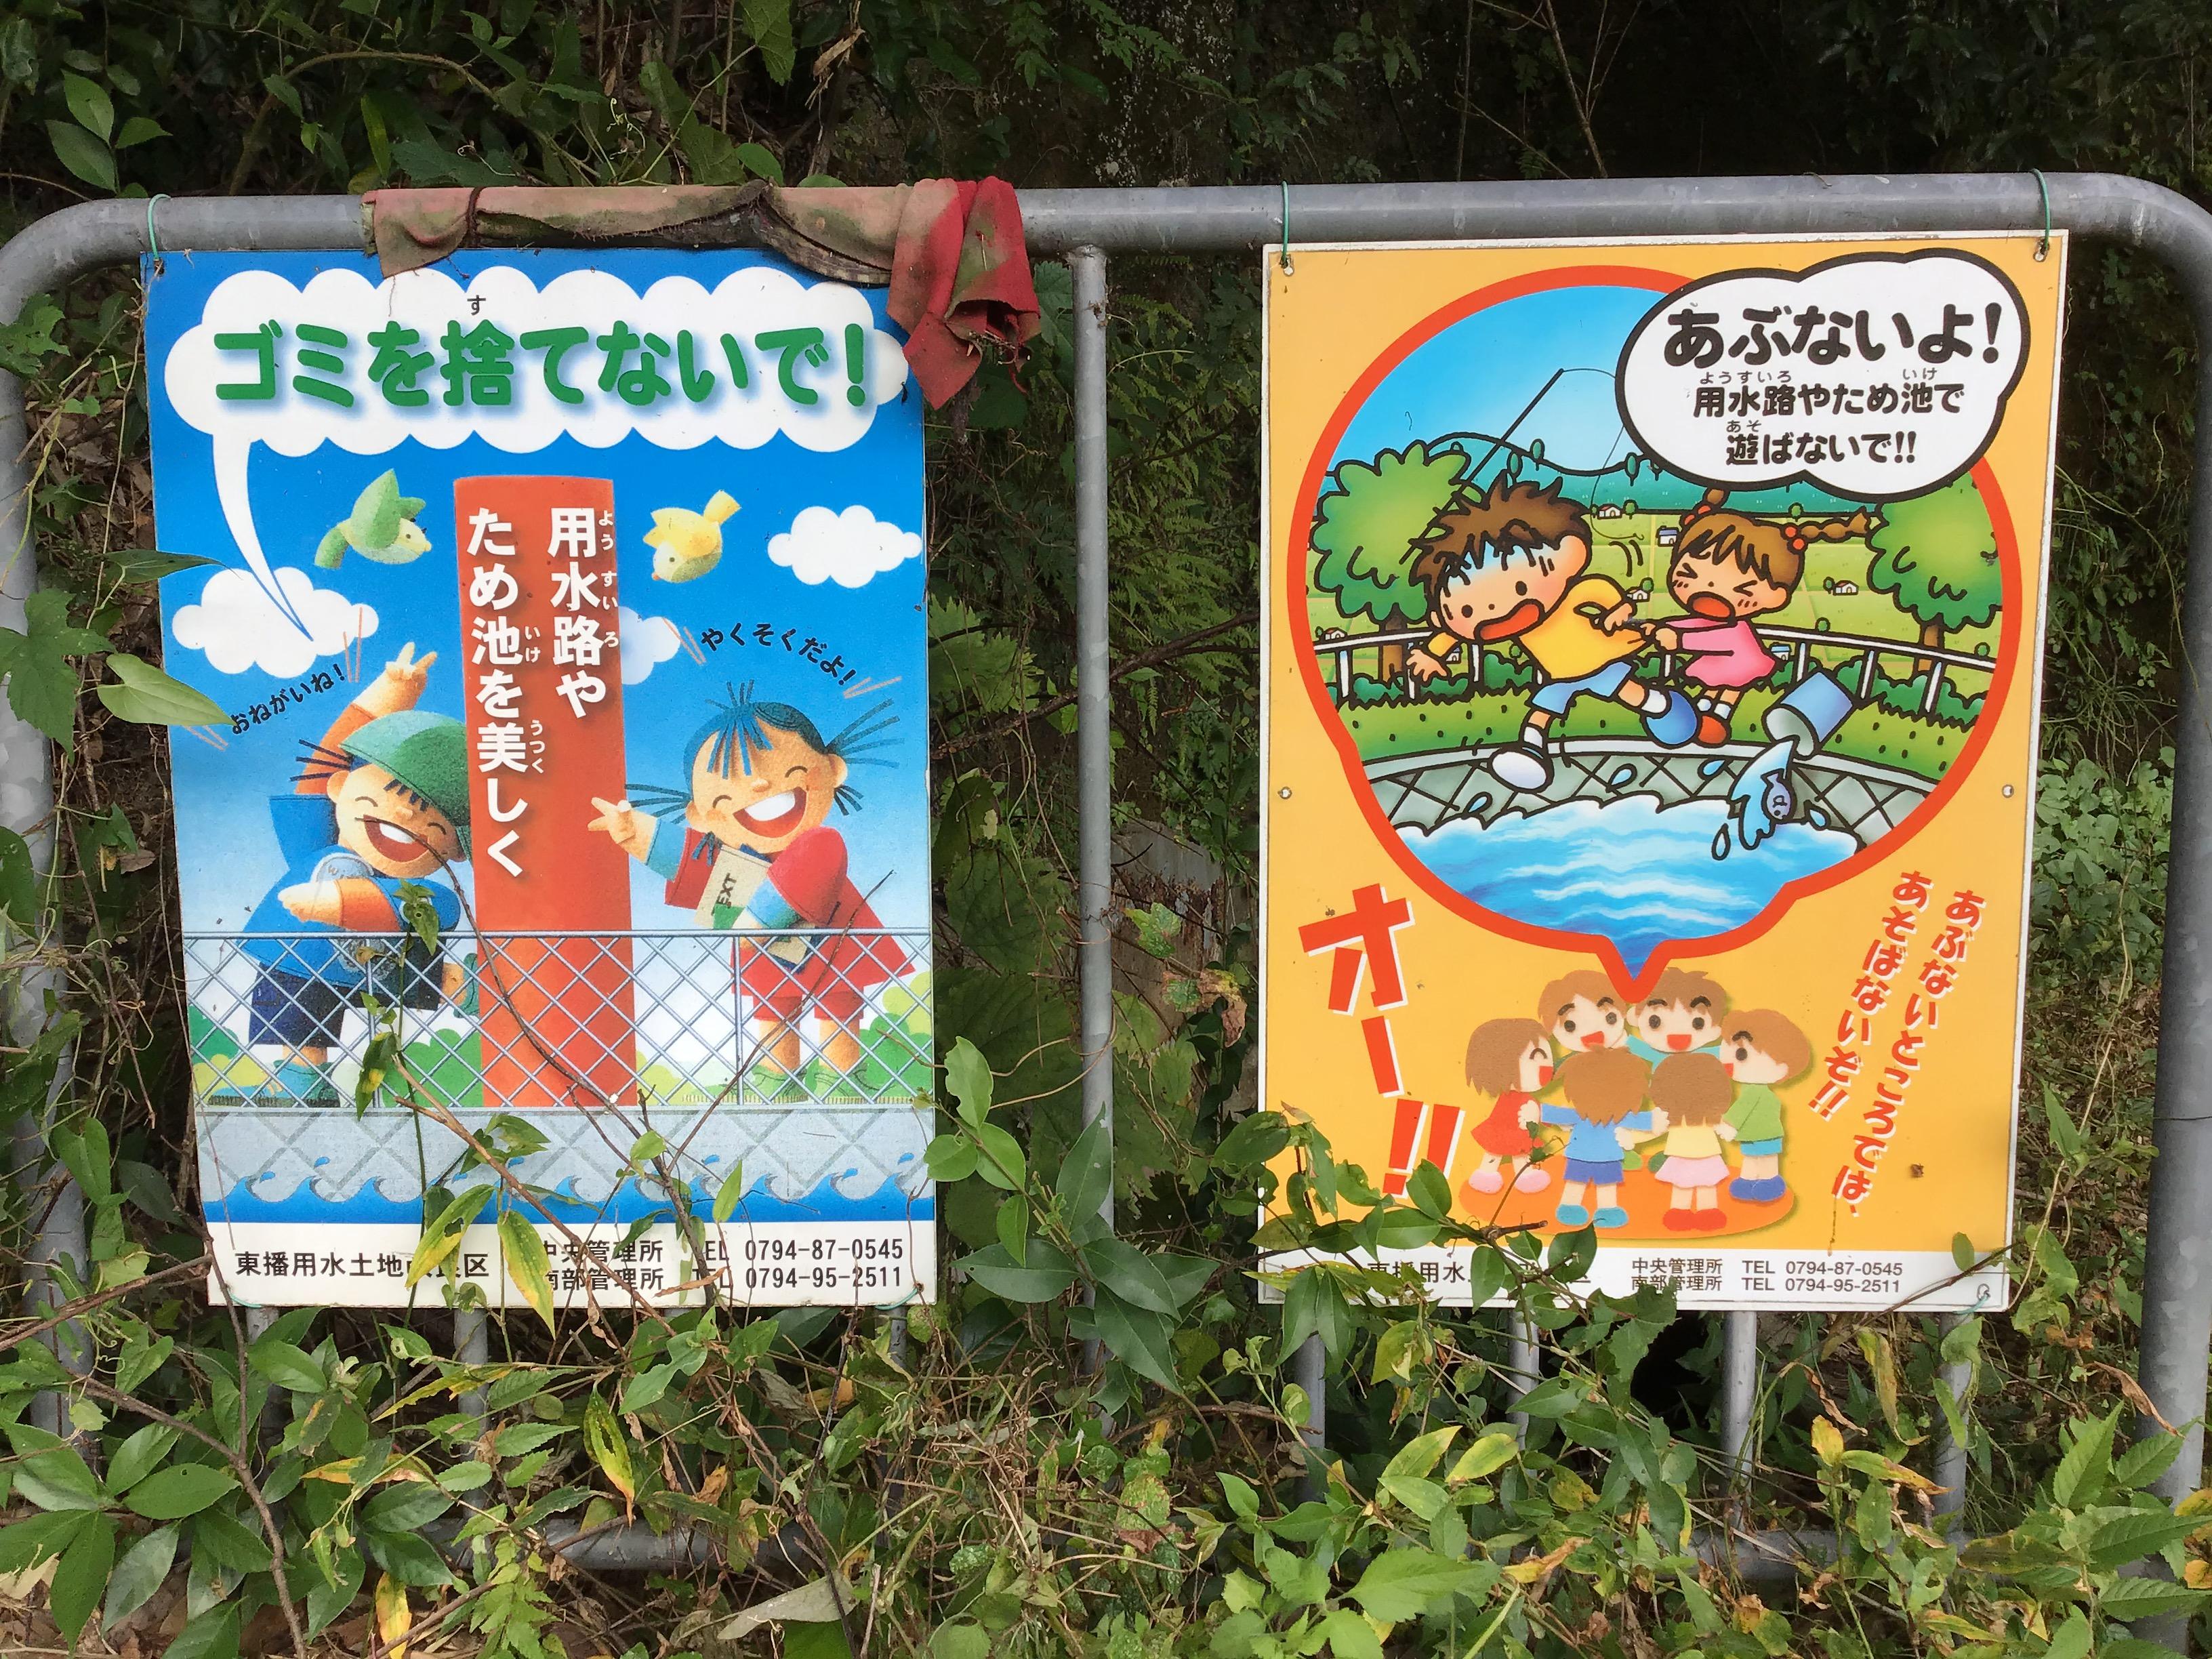 子供たちには、この絵コンテでの注意看板が最高に解り易いです。